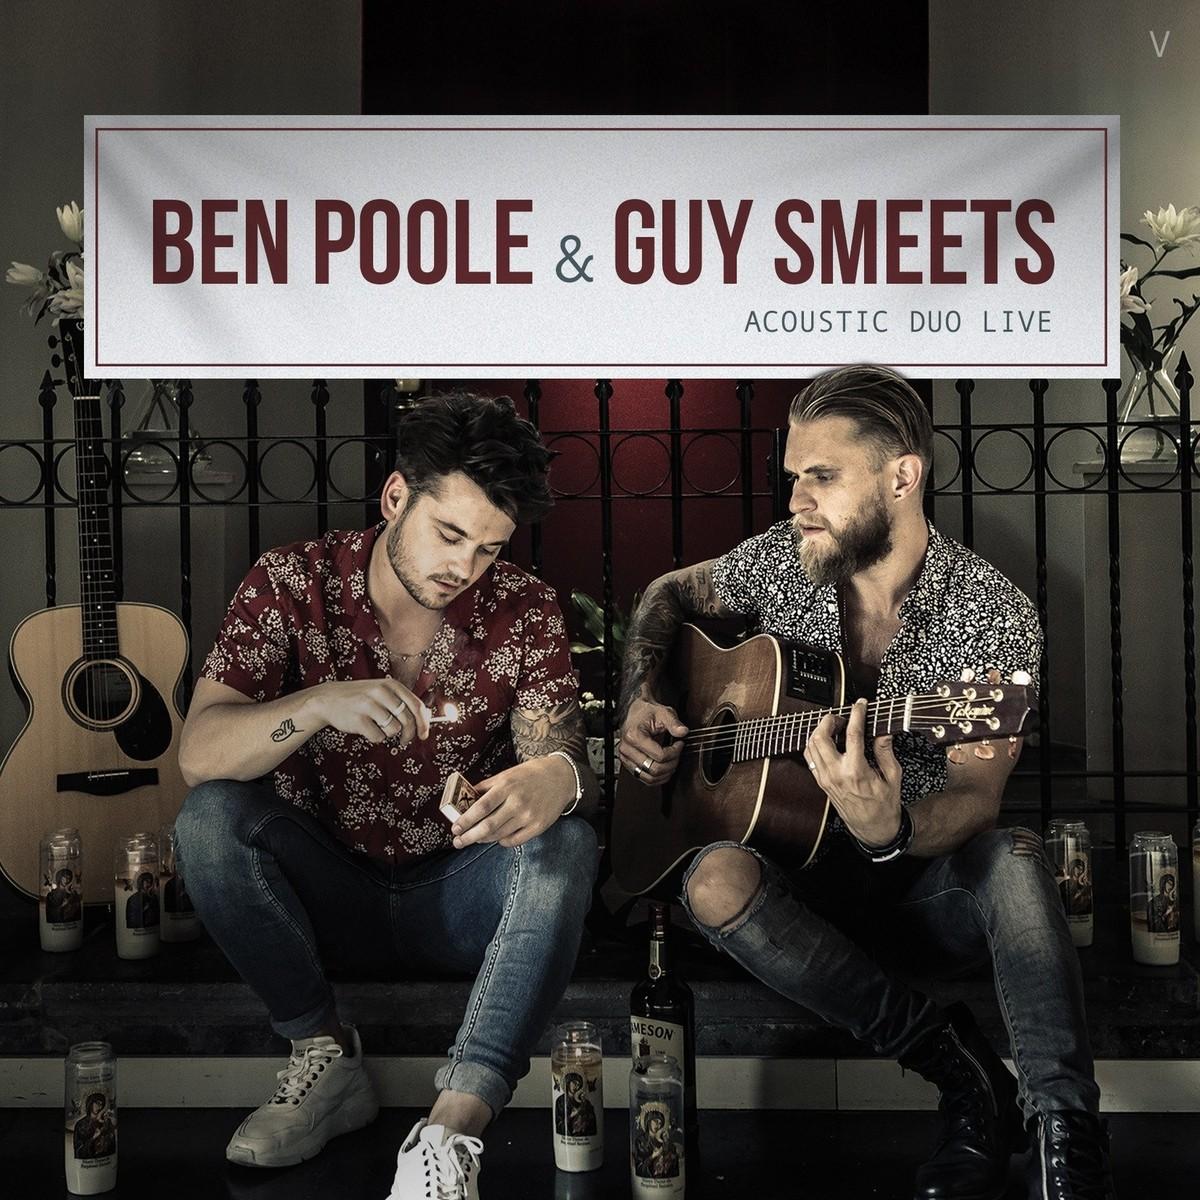 Ben Poole & Guy Smeets – Acoustic Duo Live